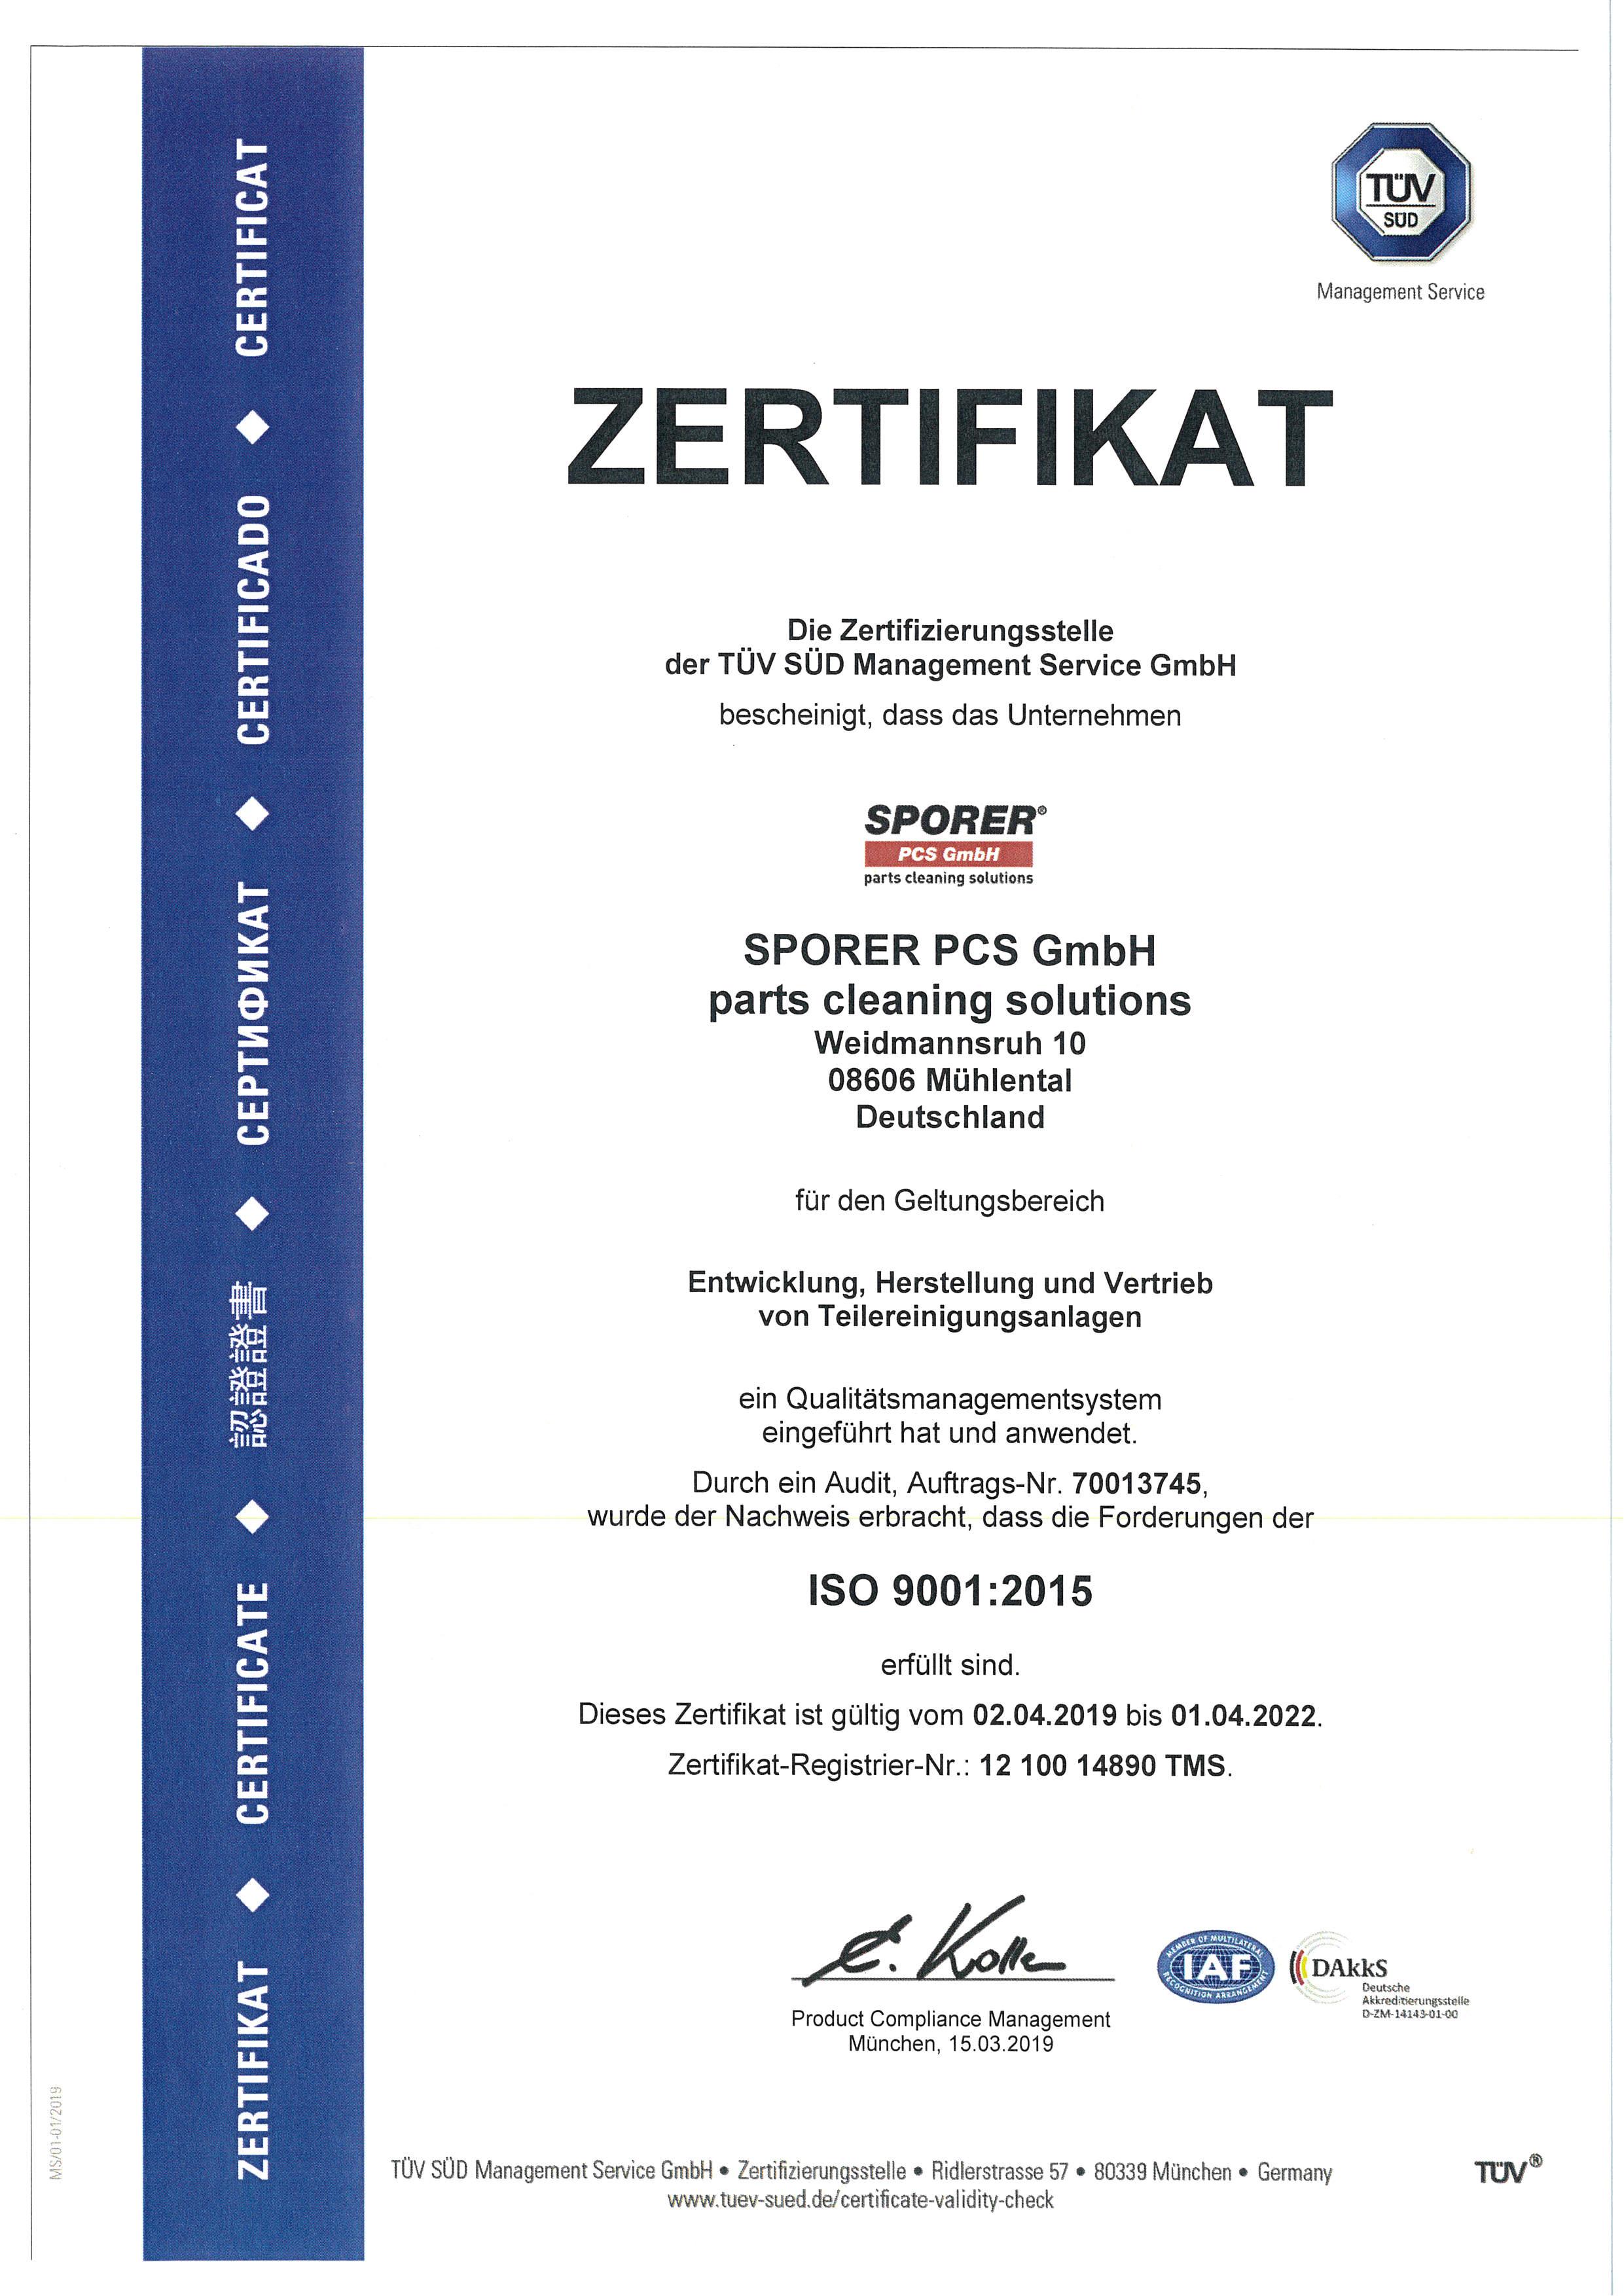 ISO_9001_2015_deutsch.jpg